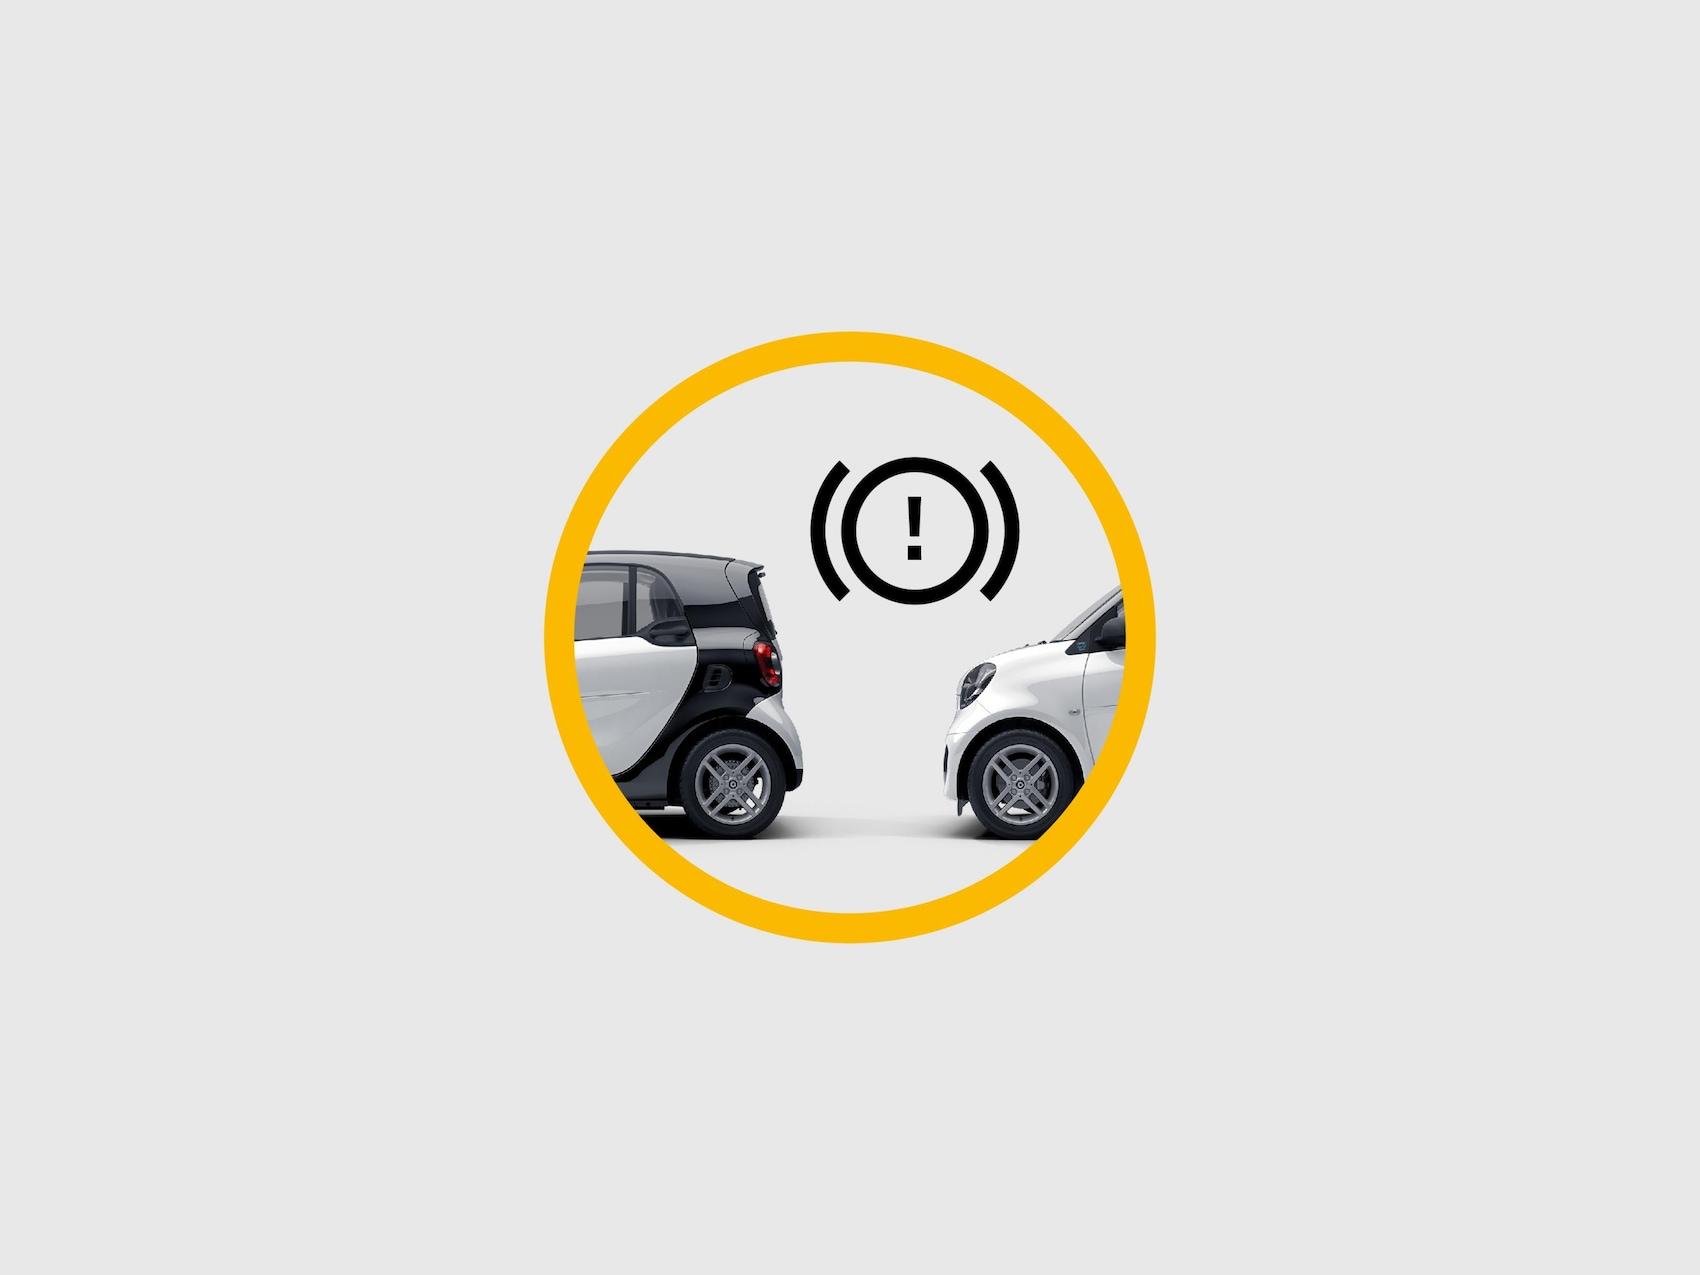 Icon, das den Bremsasisstent zeigt.